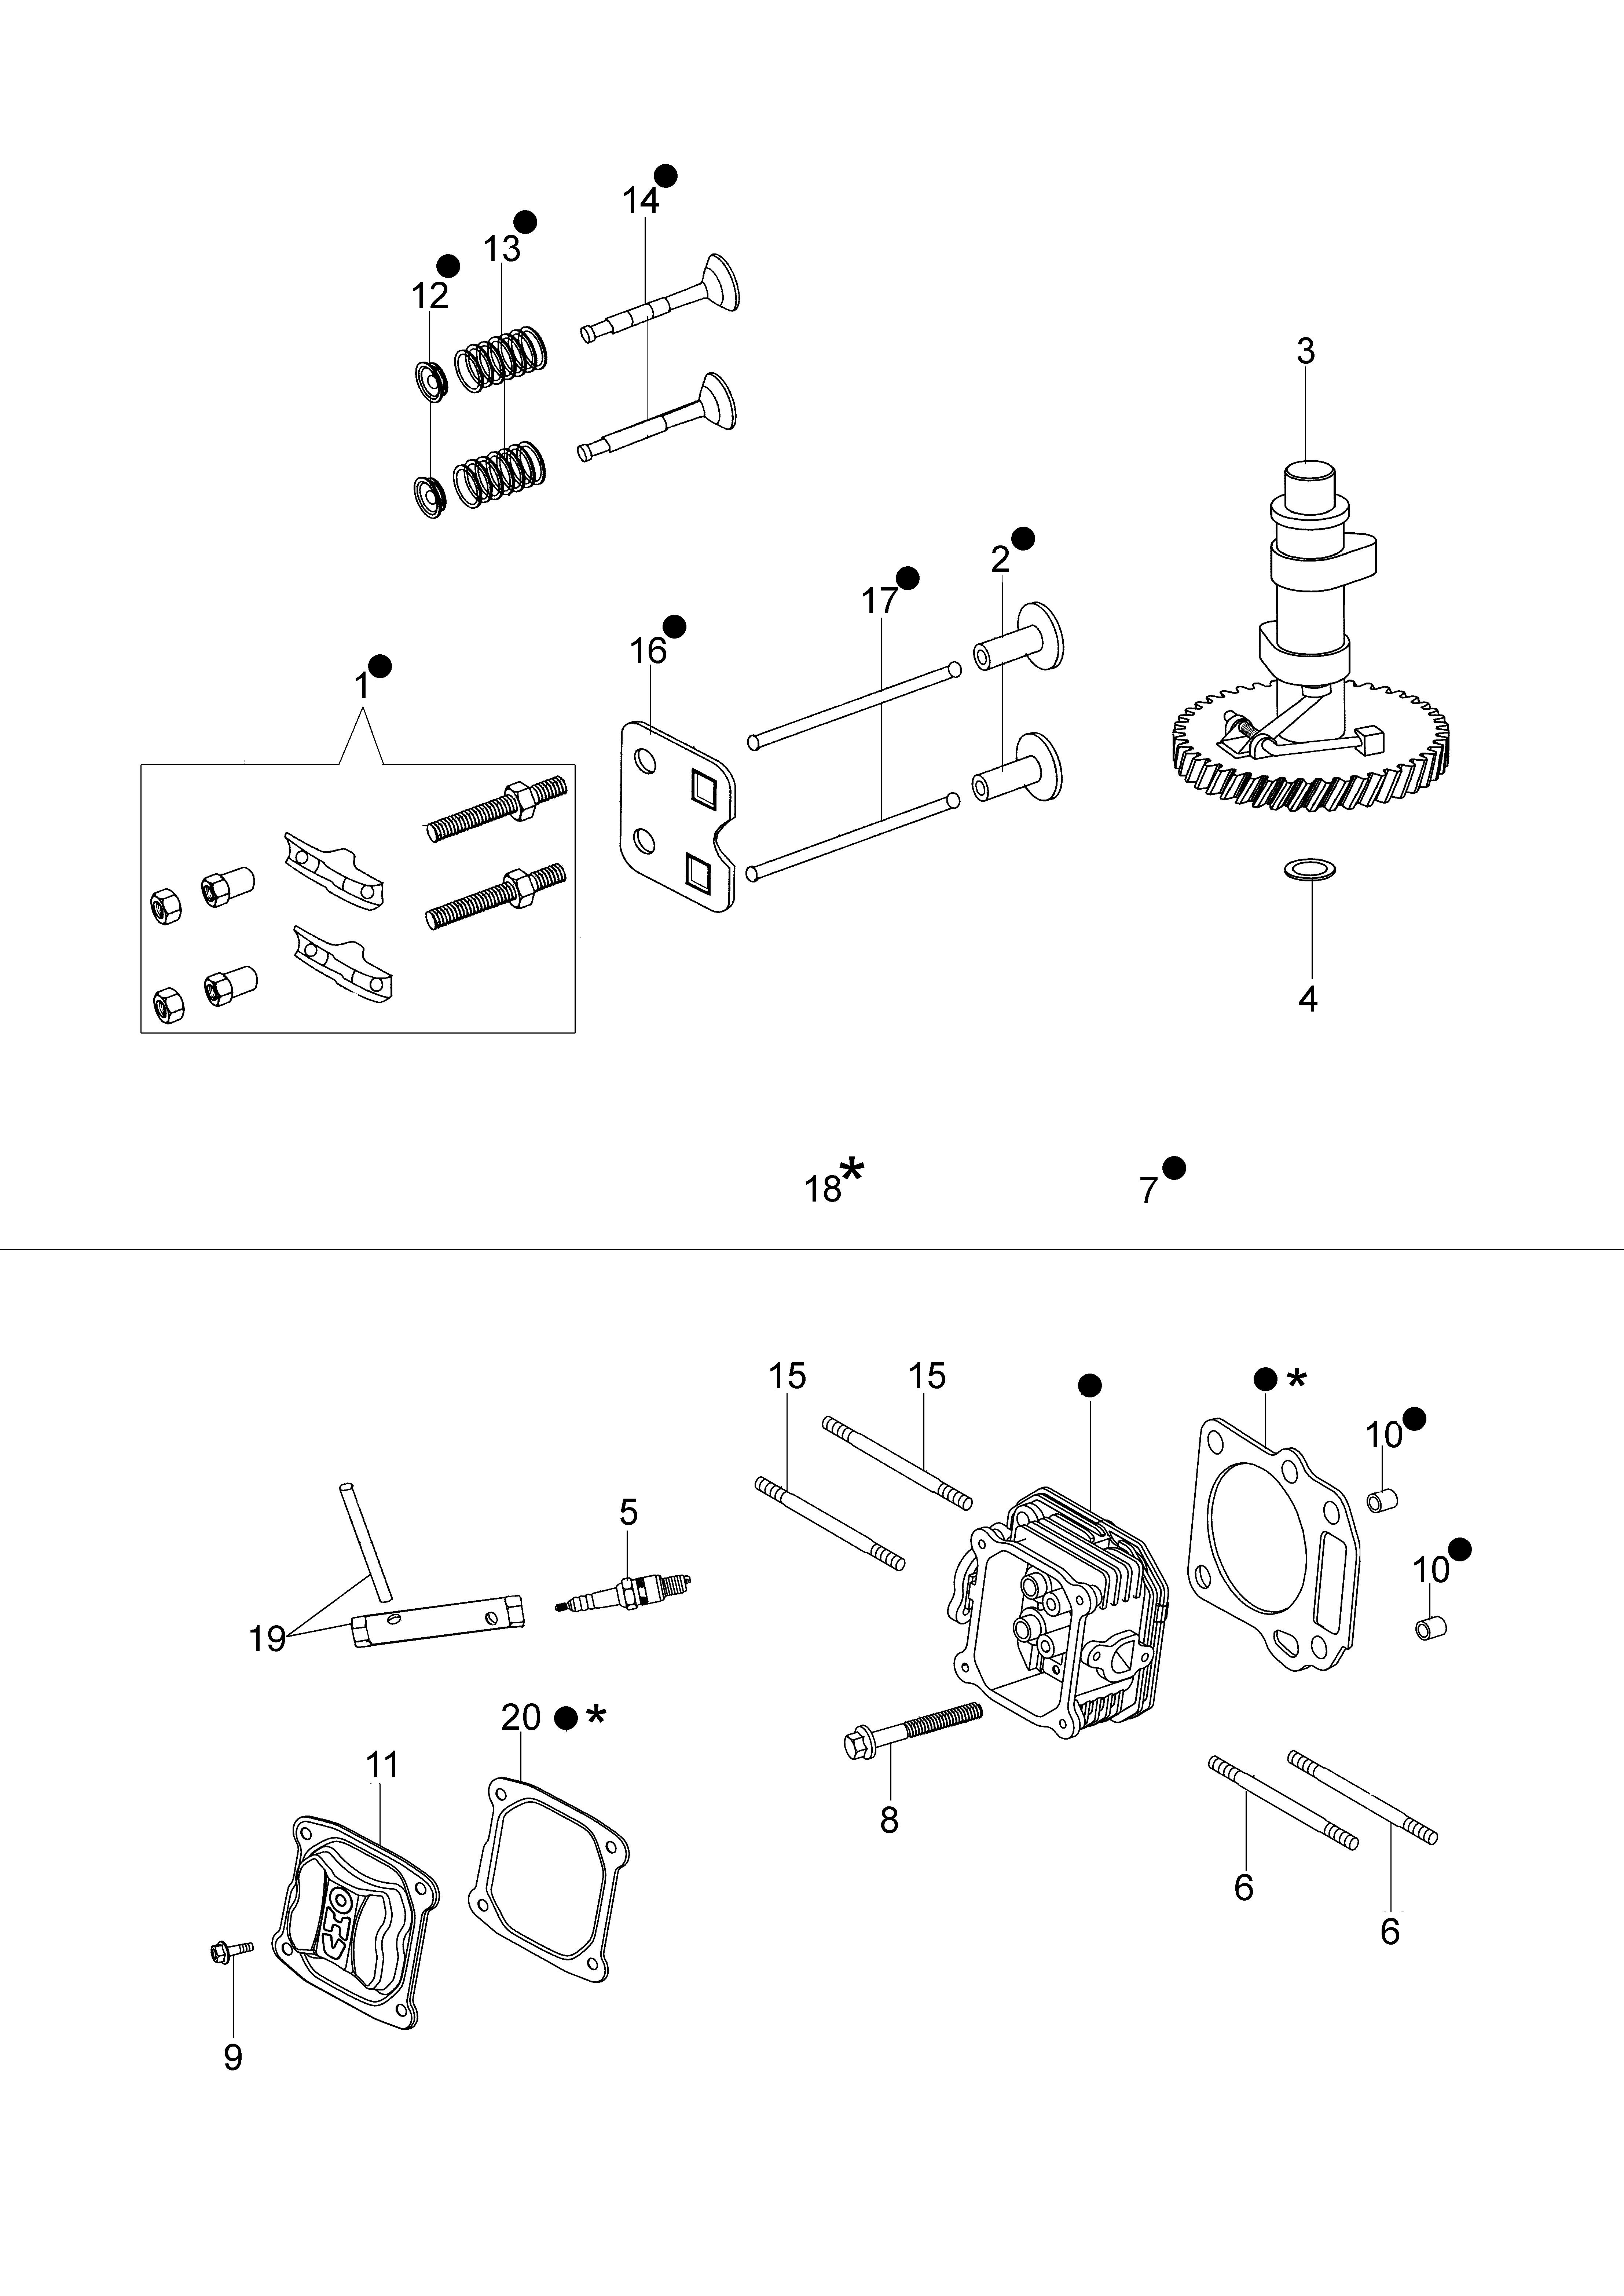 Moteur emak K500 vue éclatée Dessins pièces -  Tête cylindre et soupape